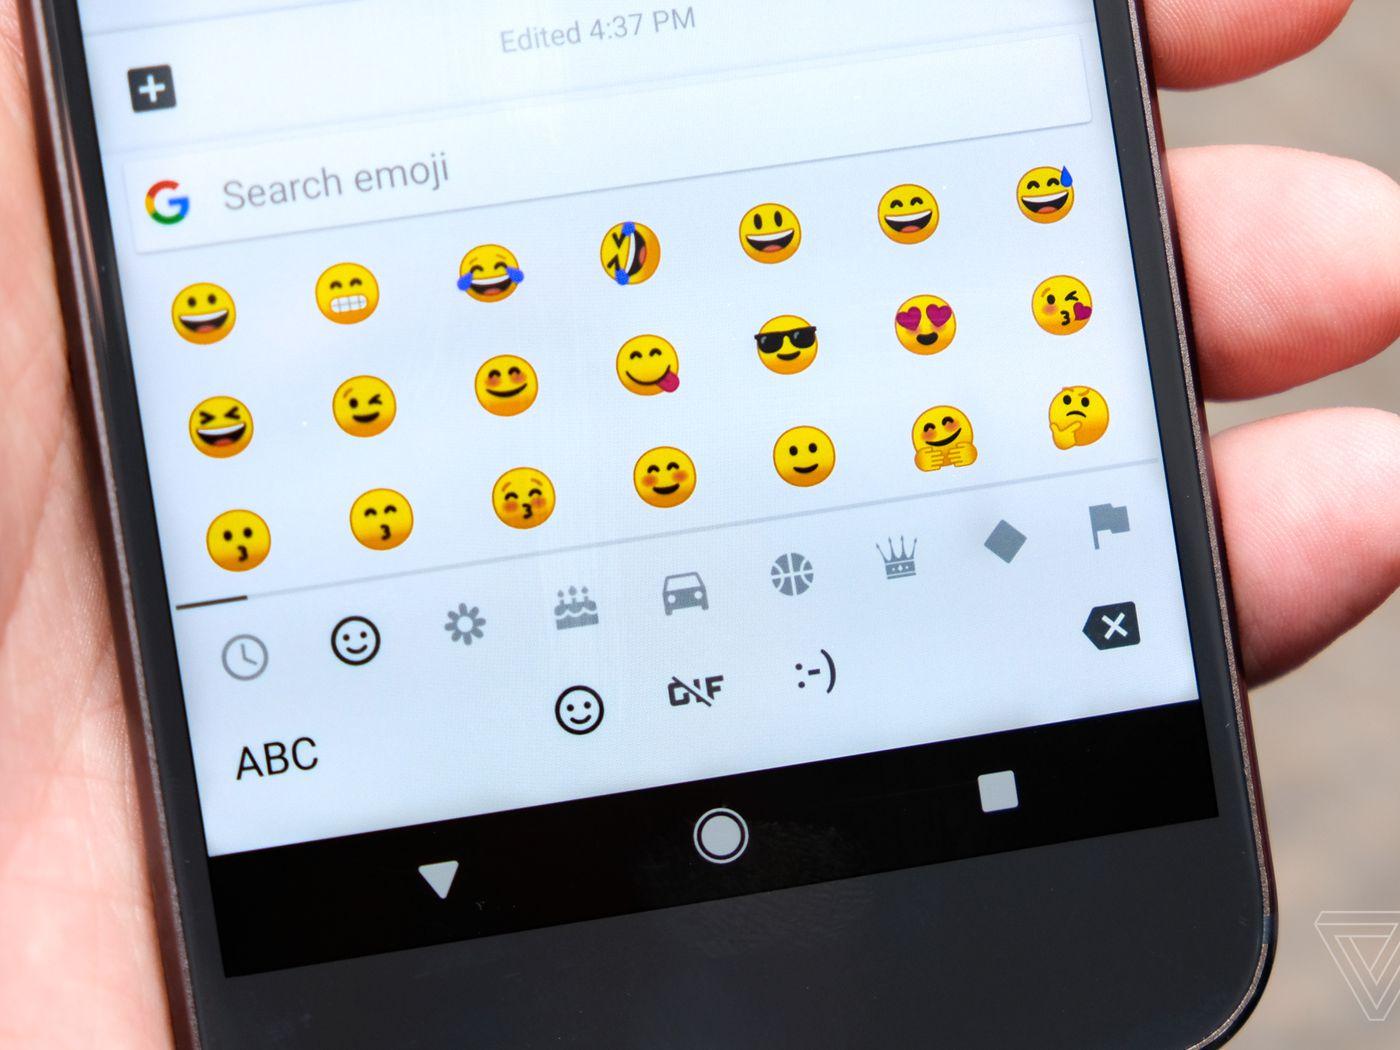 Android có thể sớm được cập nhật emoji mới mà không cần chờ cập nhật hệ điều hành